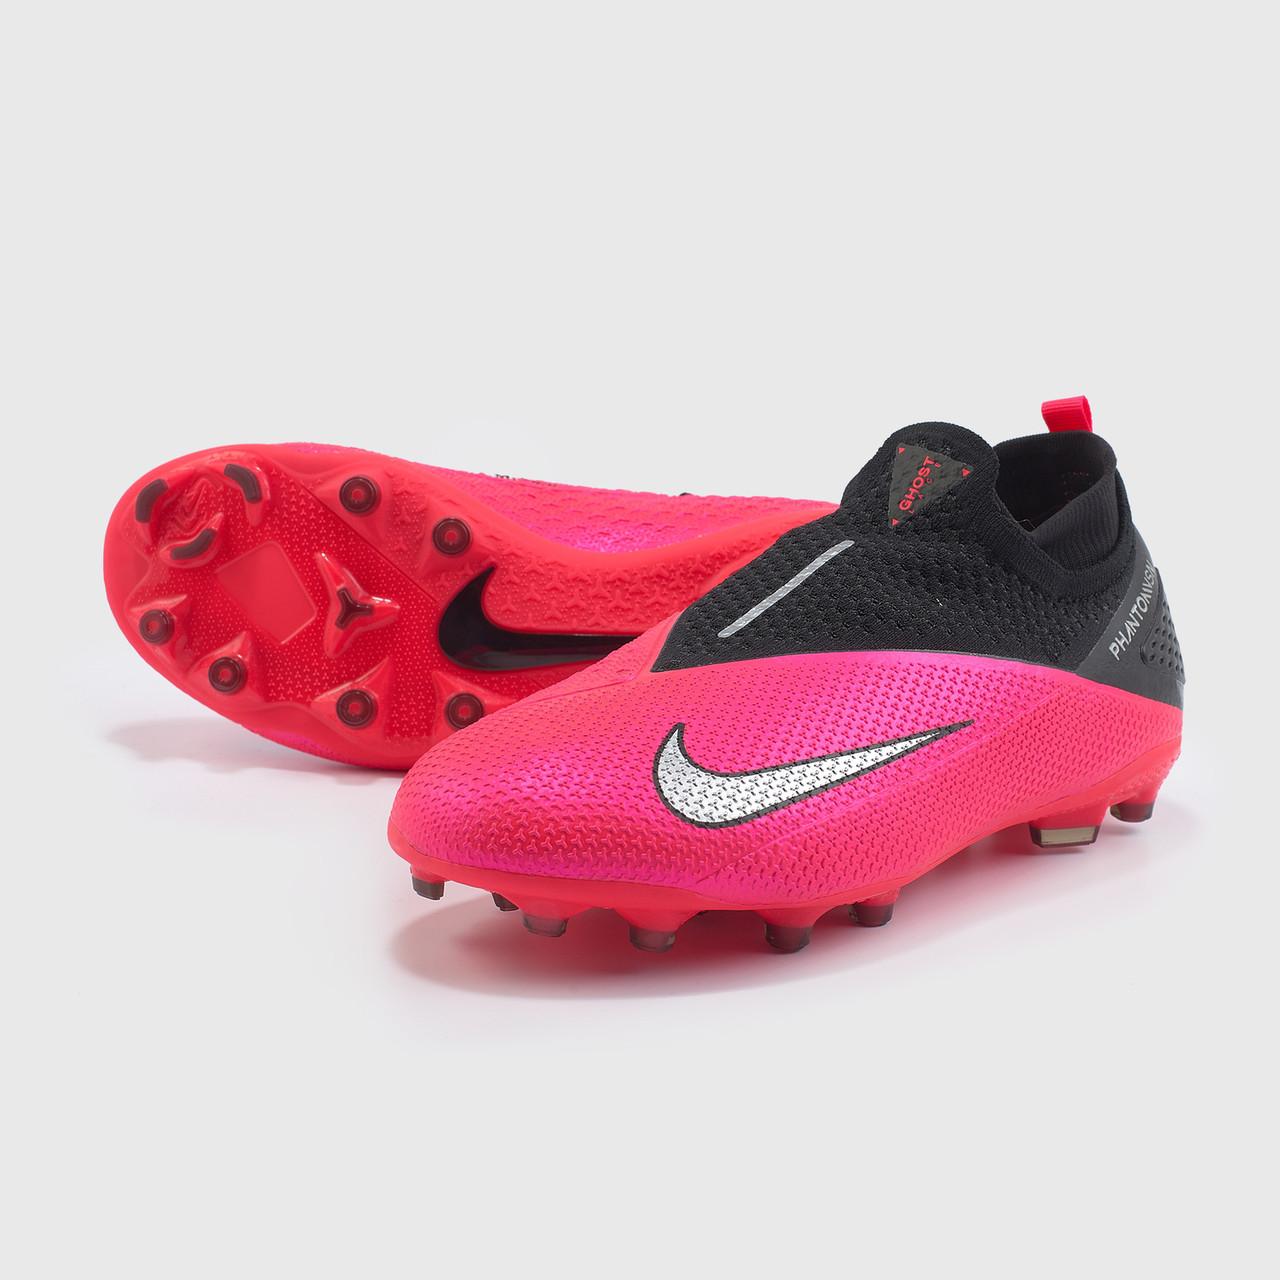 Детские футбольные бутсы Nike  Phantom Vsn 2 Elite DF MG  (Оригинал)